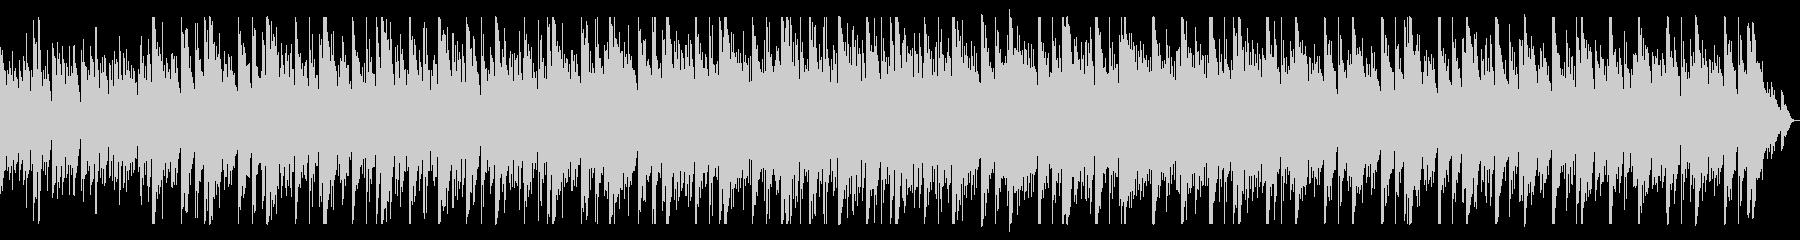 打楽器とピアノのミニマルミュージックの未再生の波形